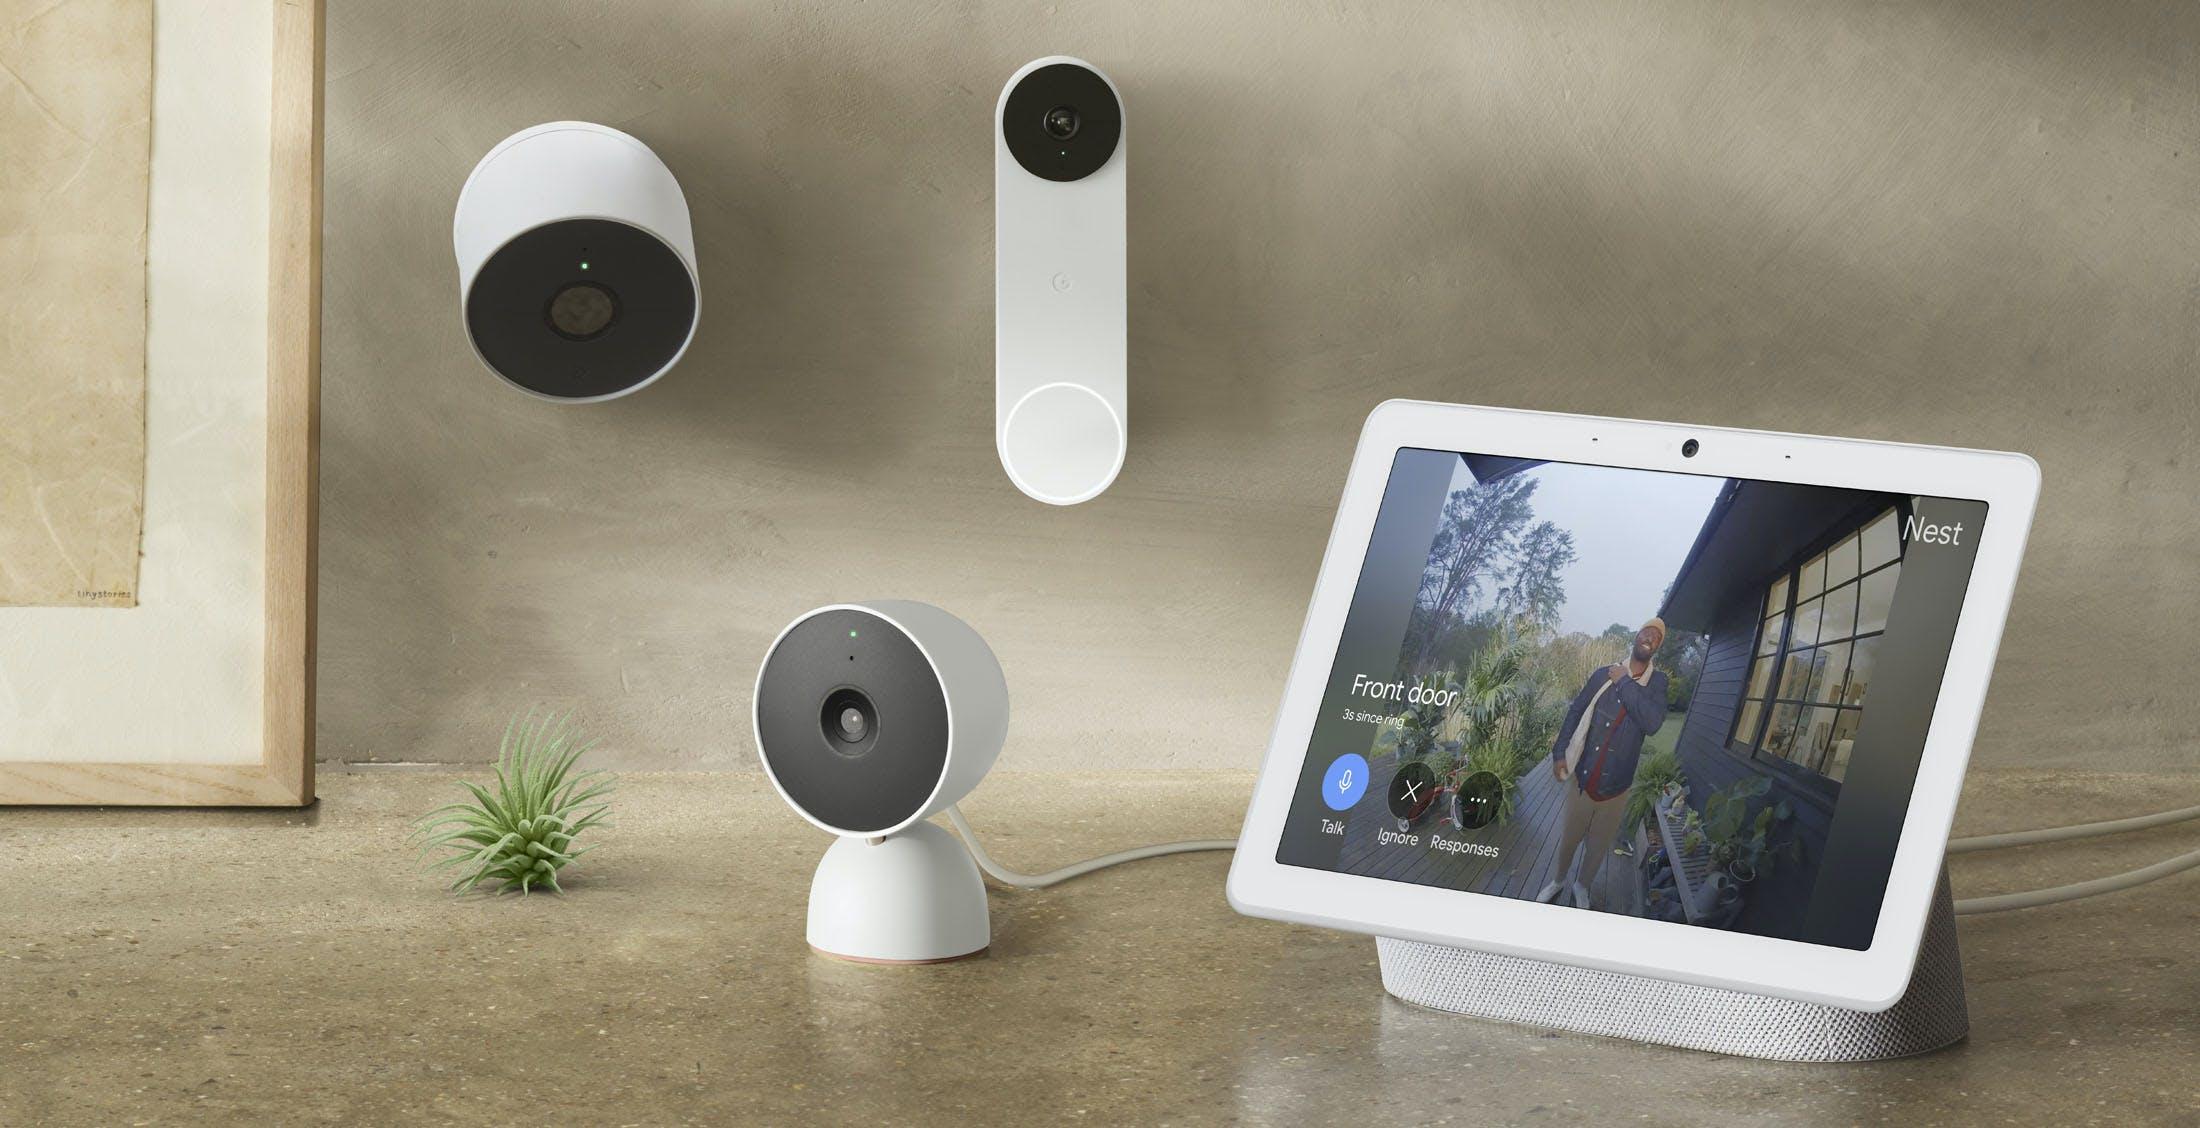 Videocamera di sicurezza a batteria e campanello smart HDR: ecco la nuova gamma Nest